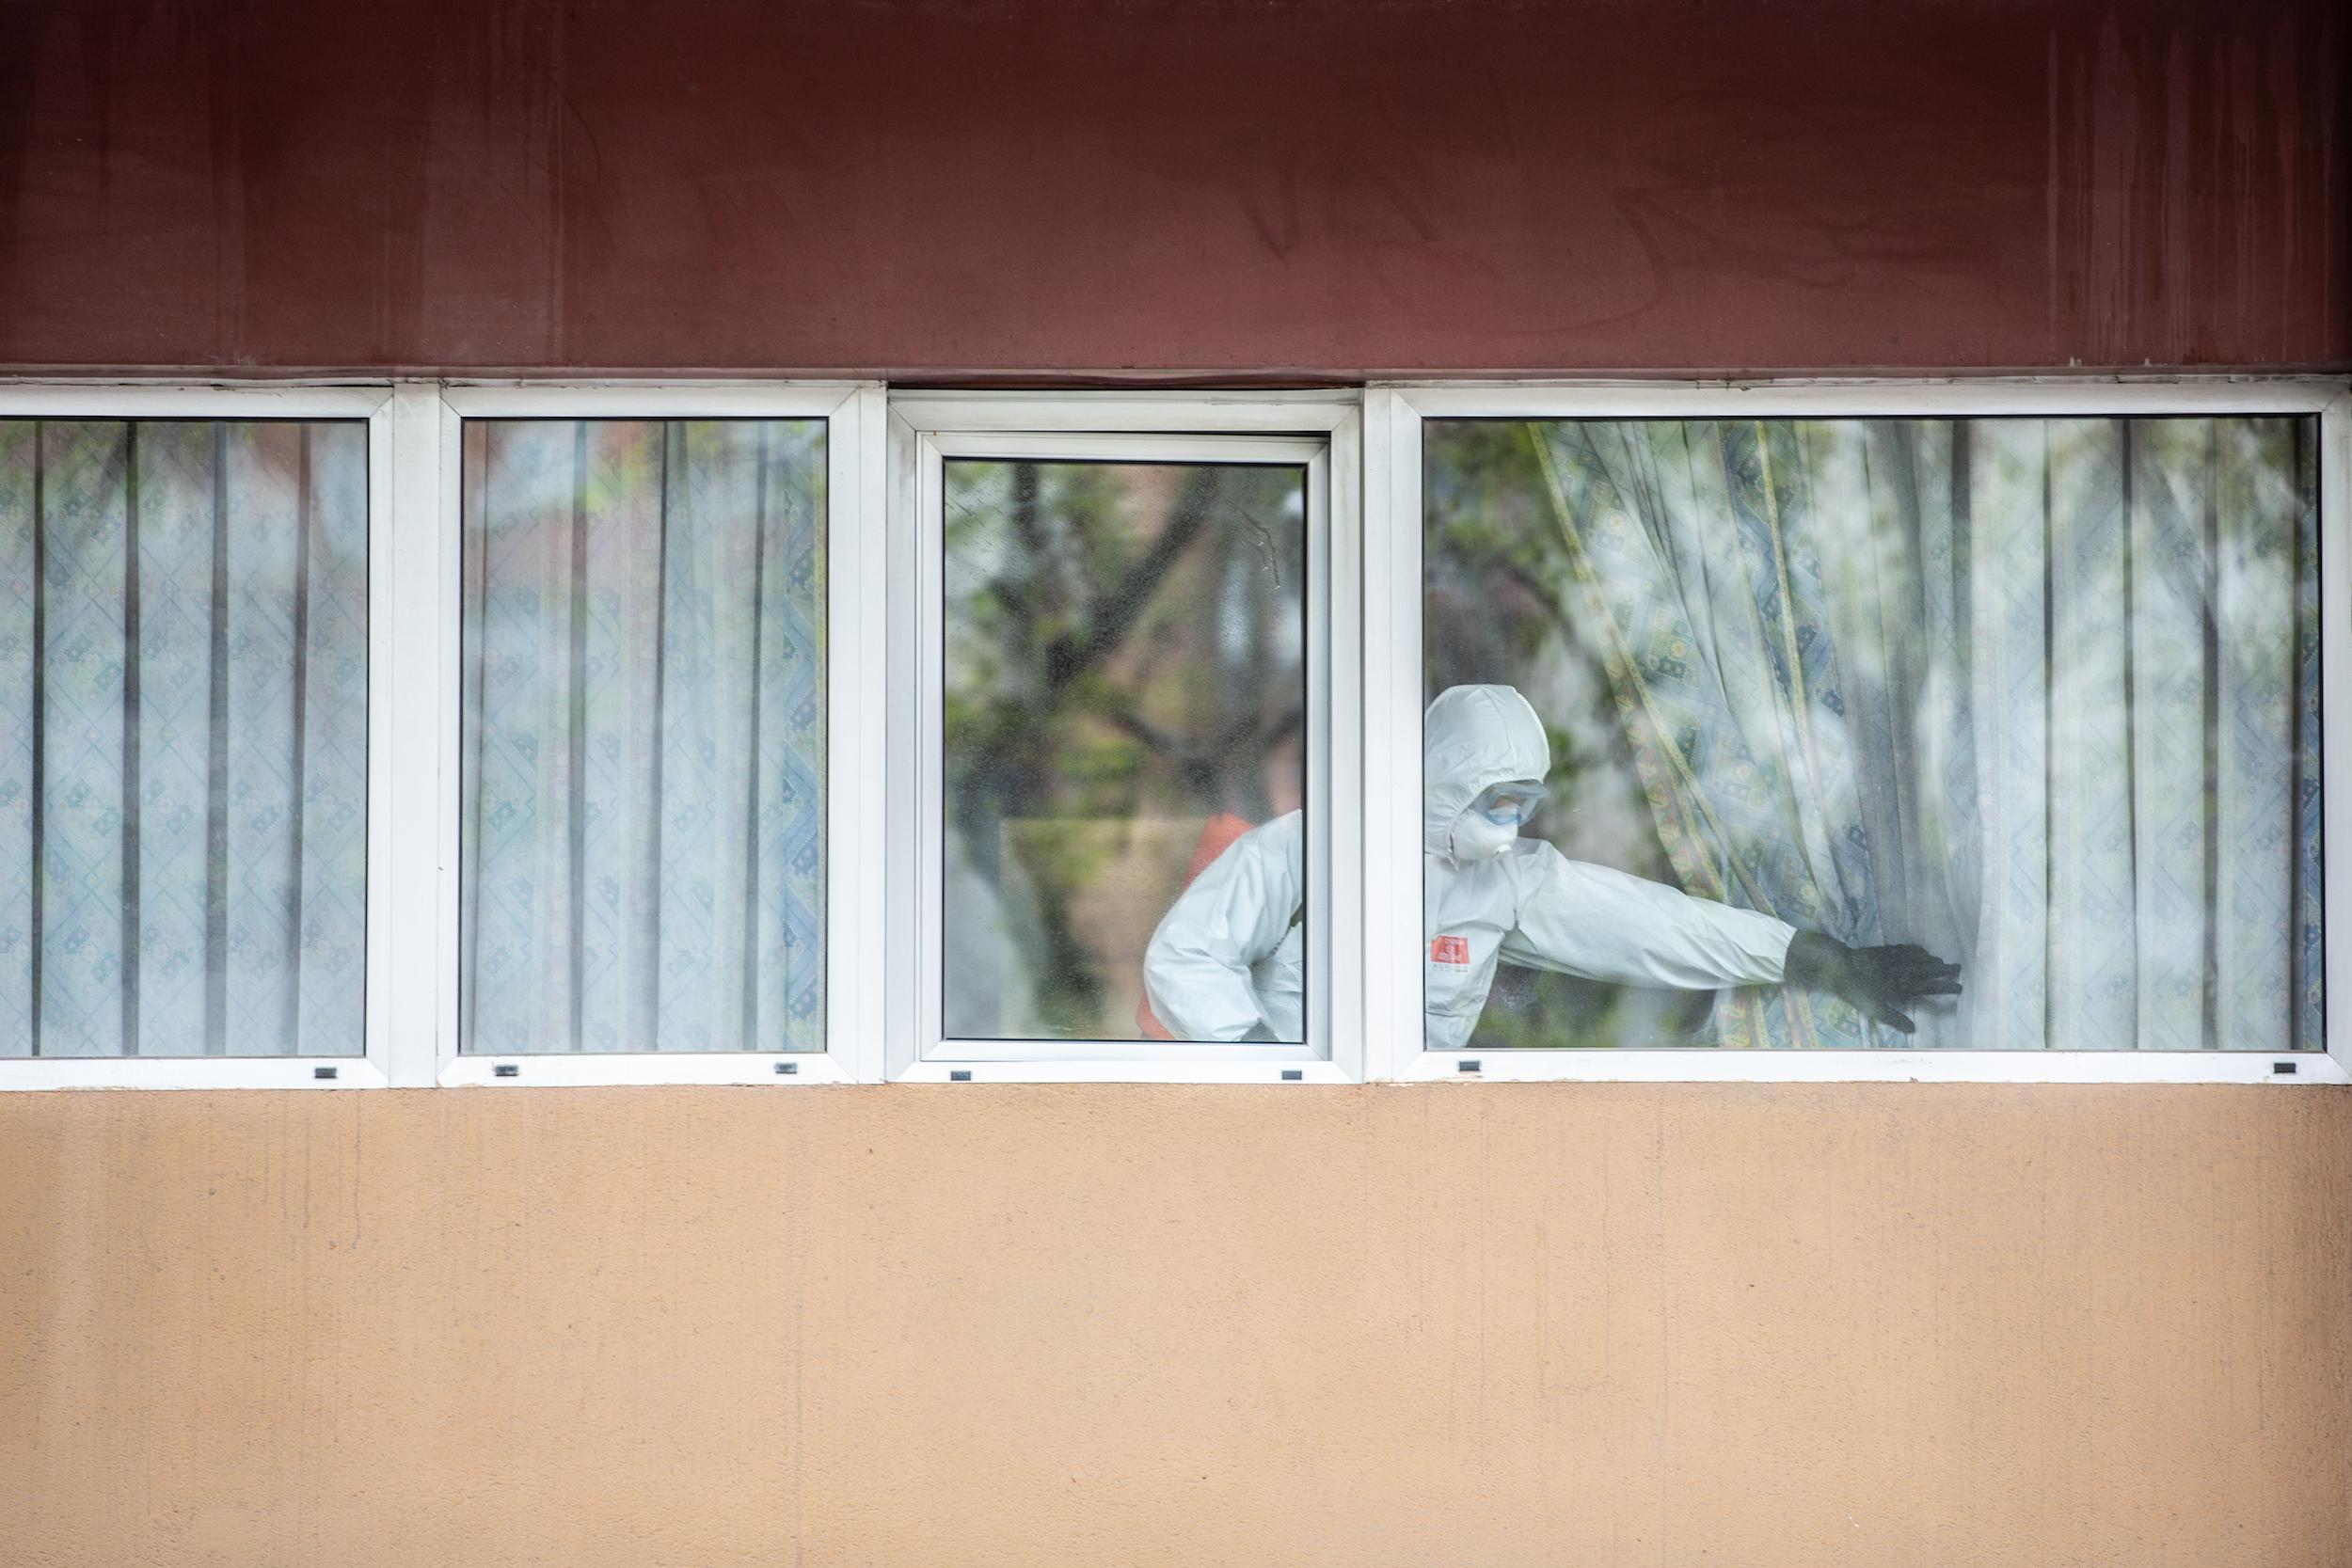 Les residències han estat un gran focus d'infecció des de l'inici de la pandèmia / Jordi Play